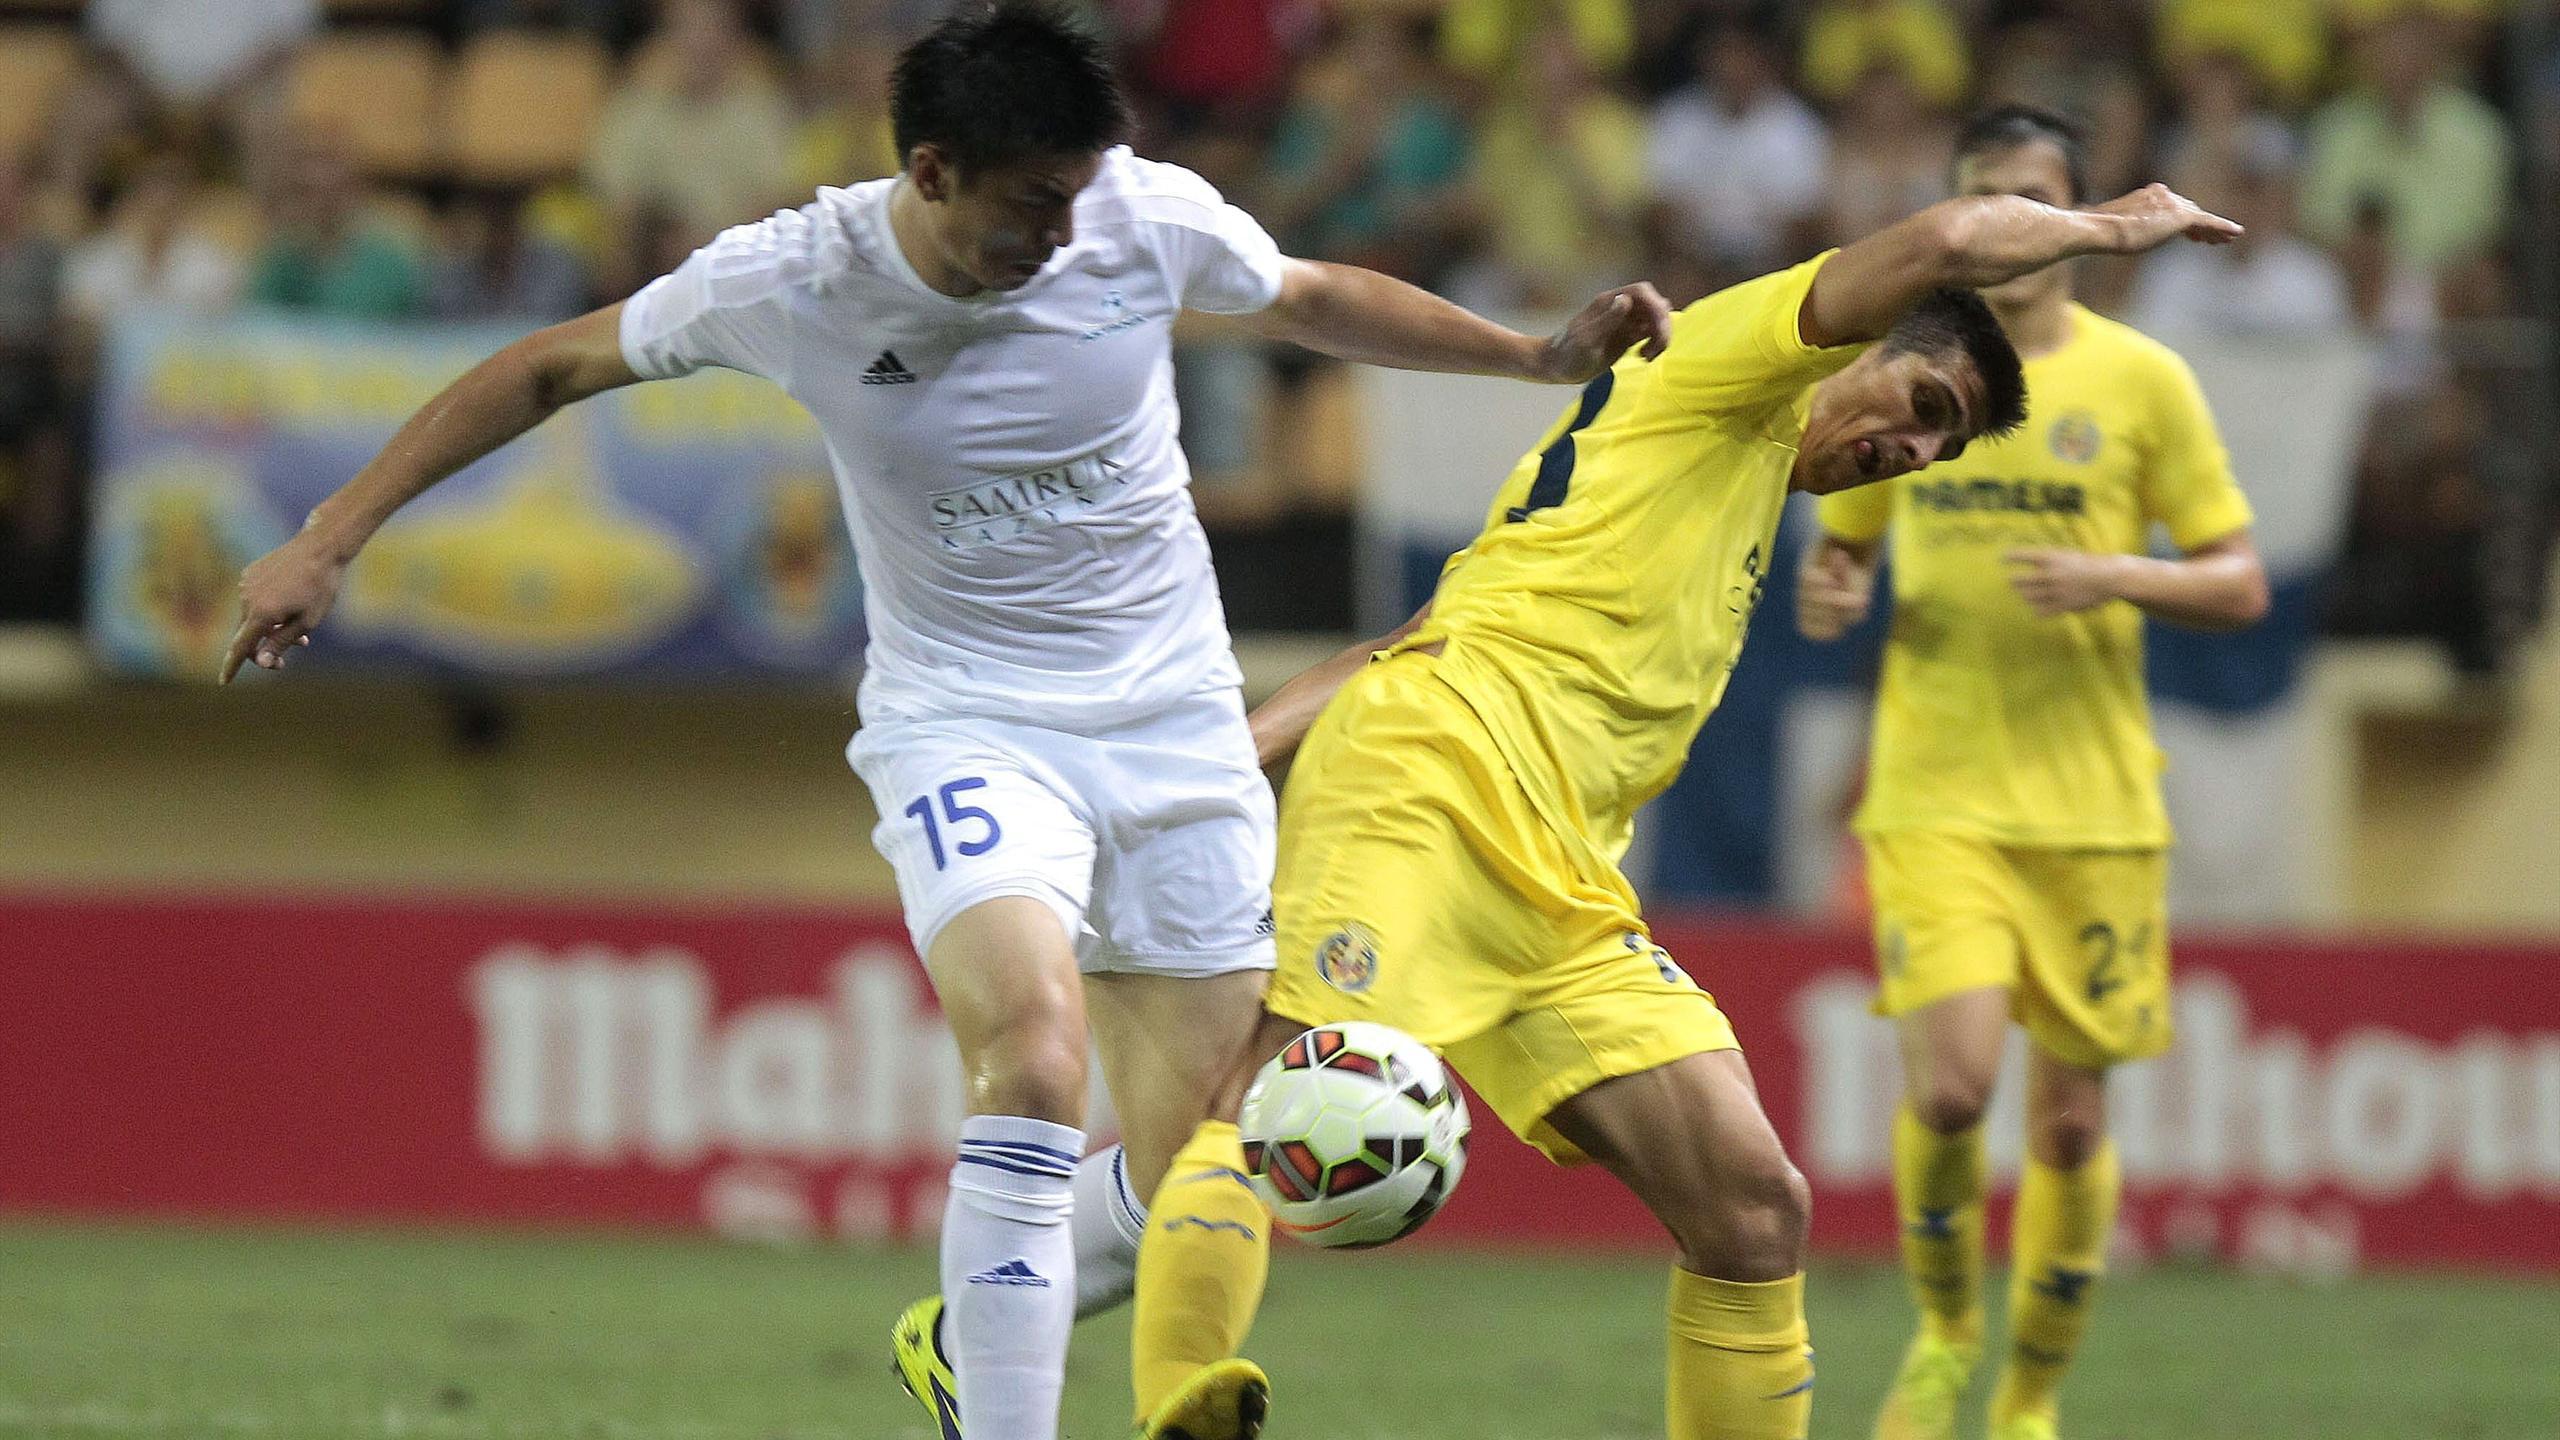 Video: Villarreal vs Astana